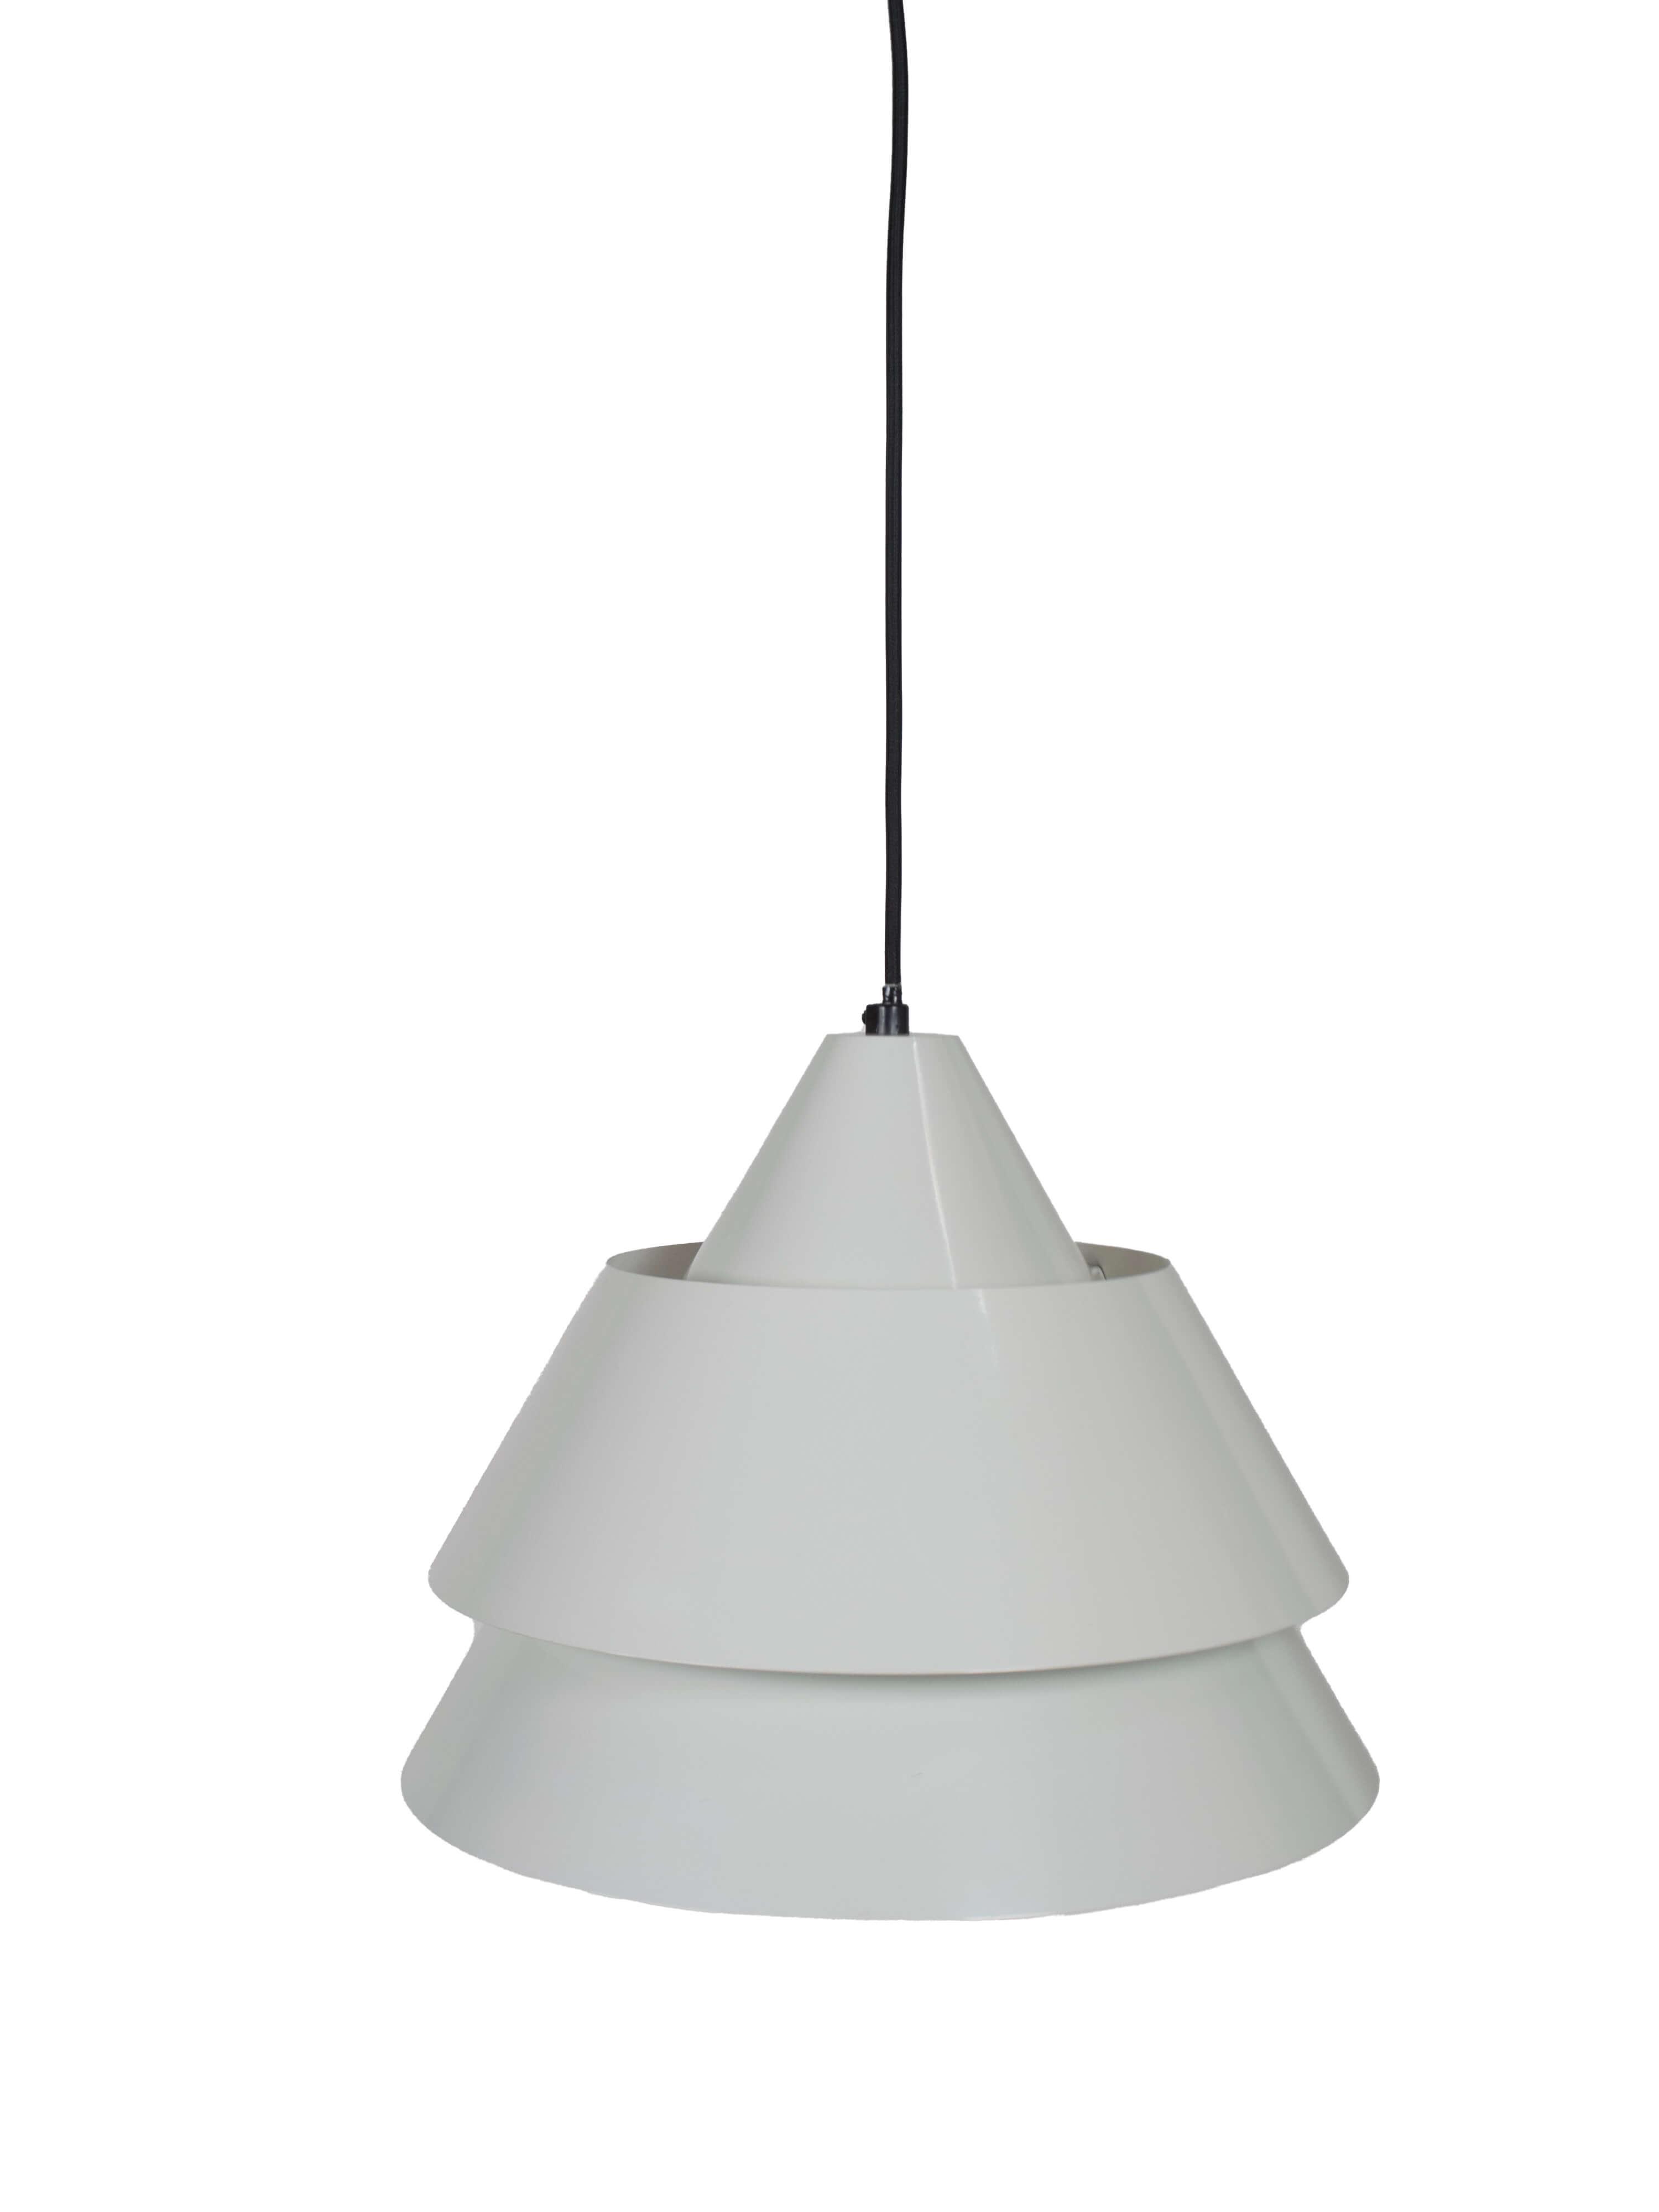 White Lacquered Pendant Lamp 'Zone' by Jo Hammerborg, Denmark 1969